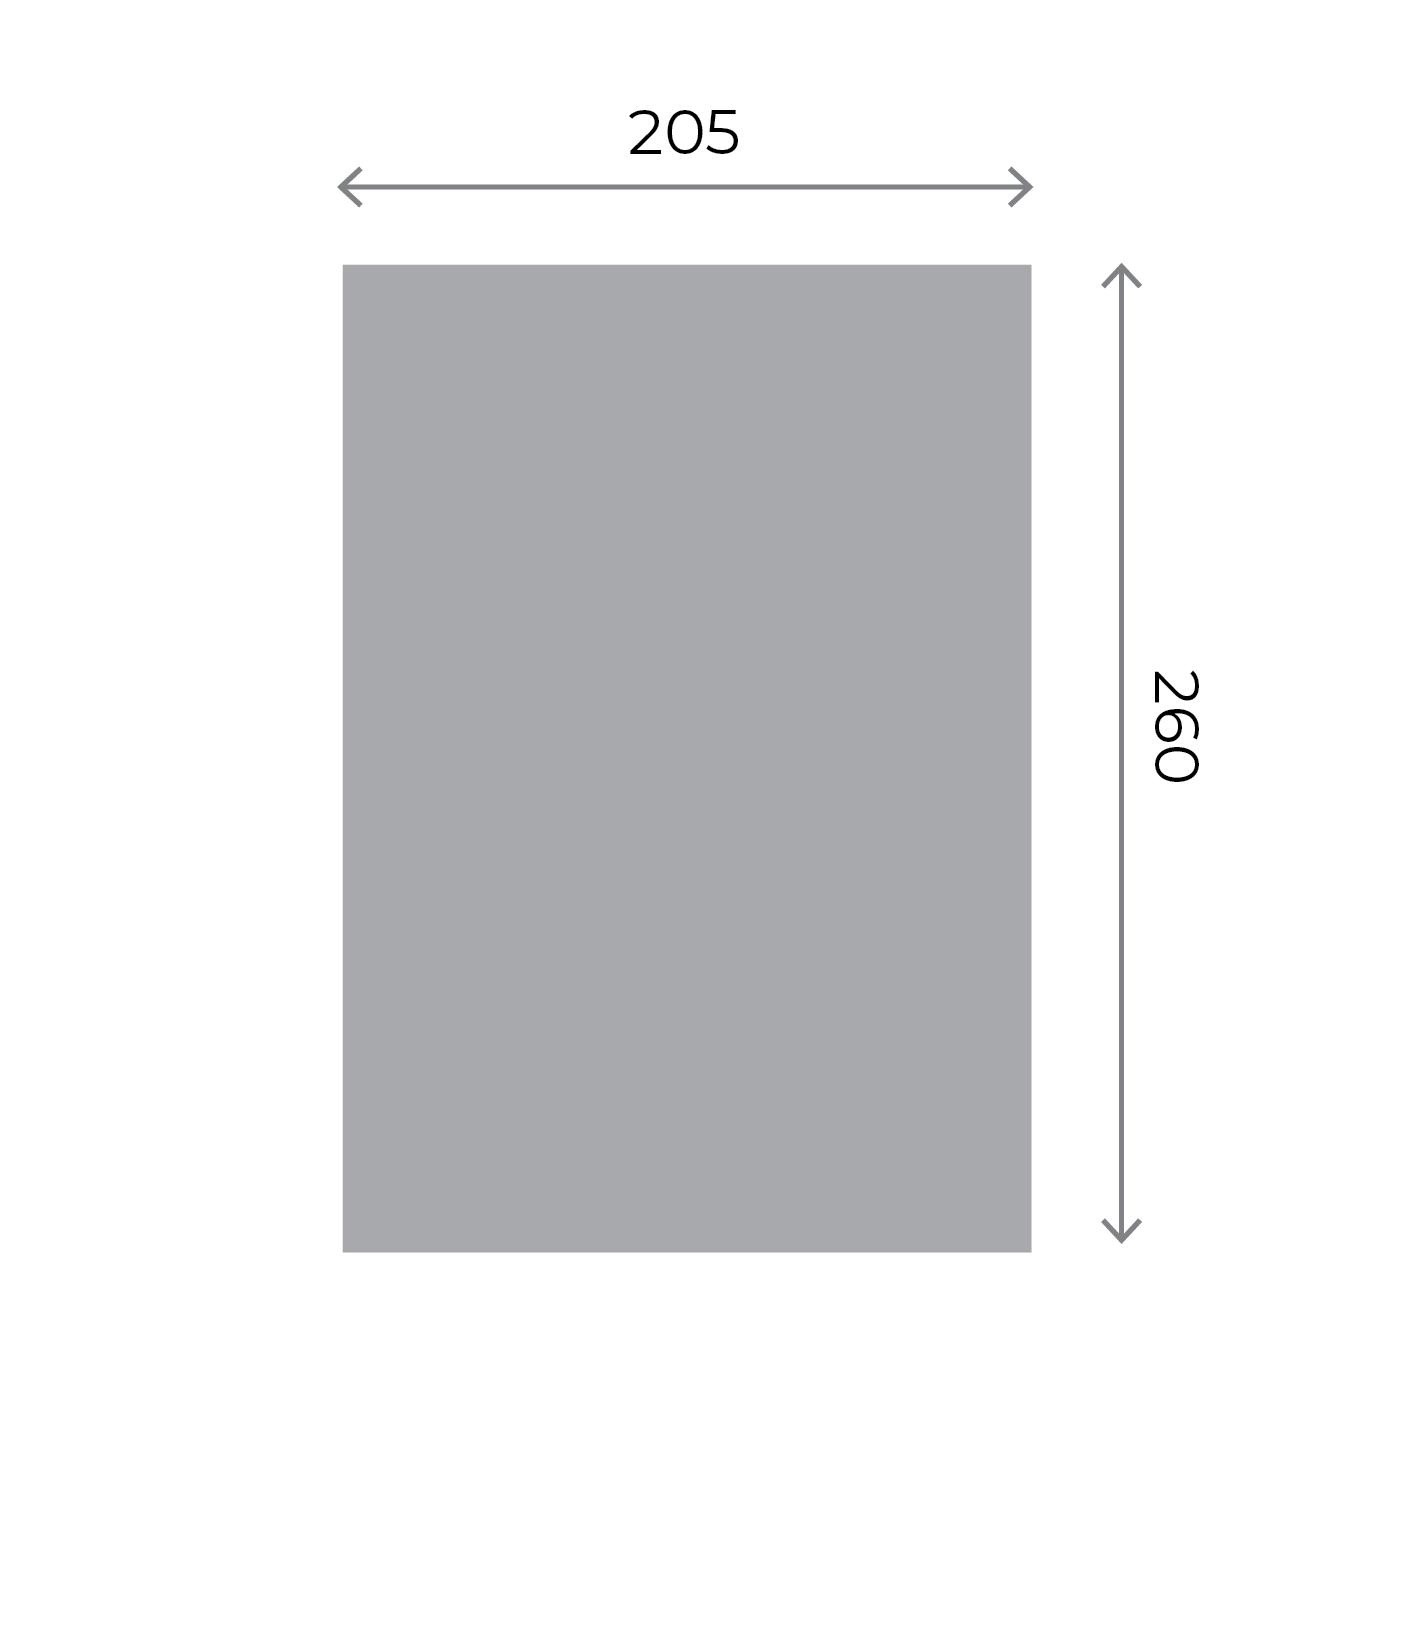 Any Shape Stickers - Medium Kiss-cut Sheet (205x260mm) 205x260mm 01 Image